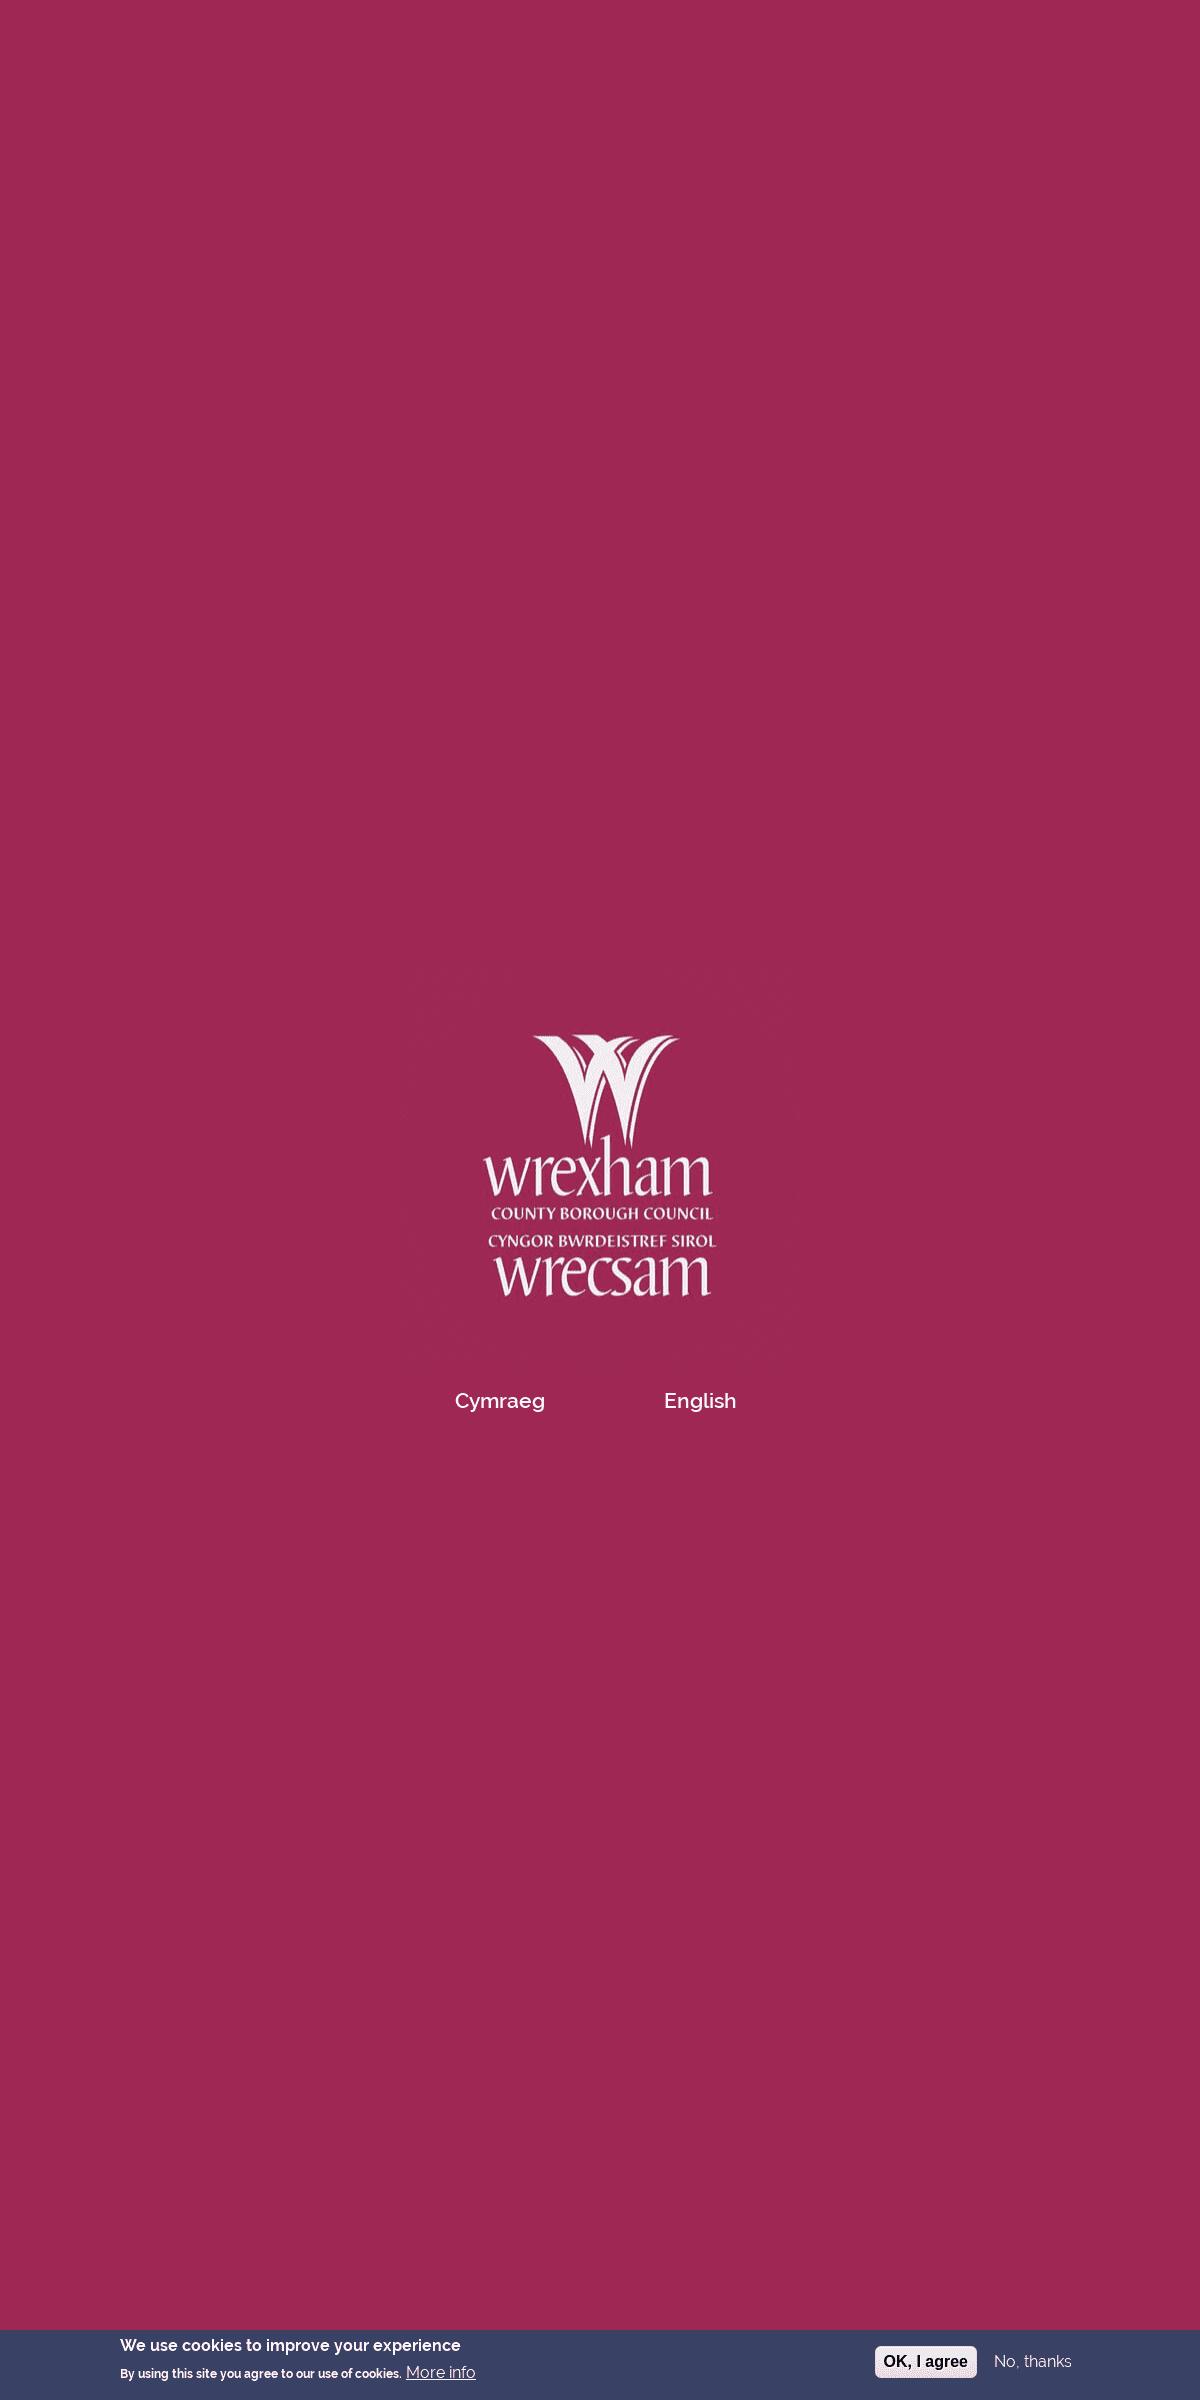 Cyngor Bwrdeistref Sirol Wrecsam - Wrexham County Borough Council